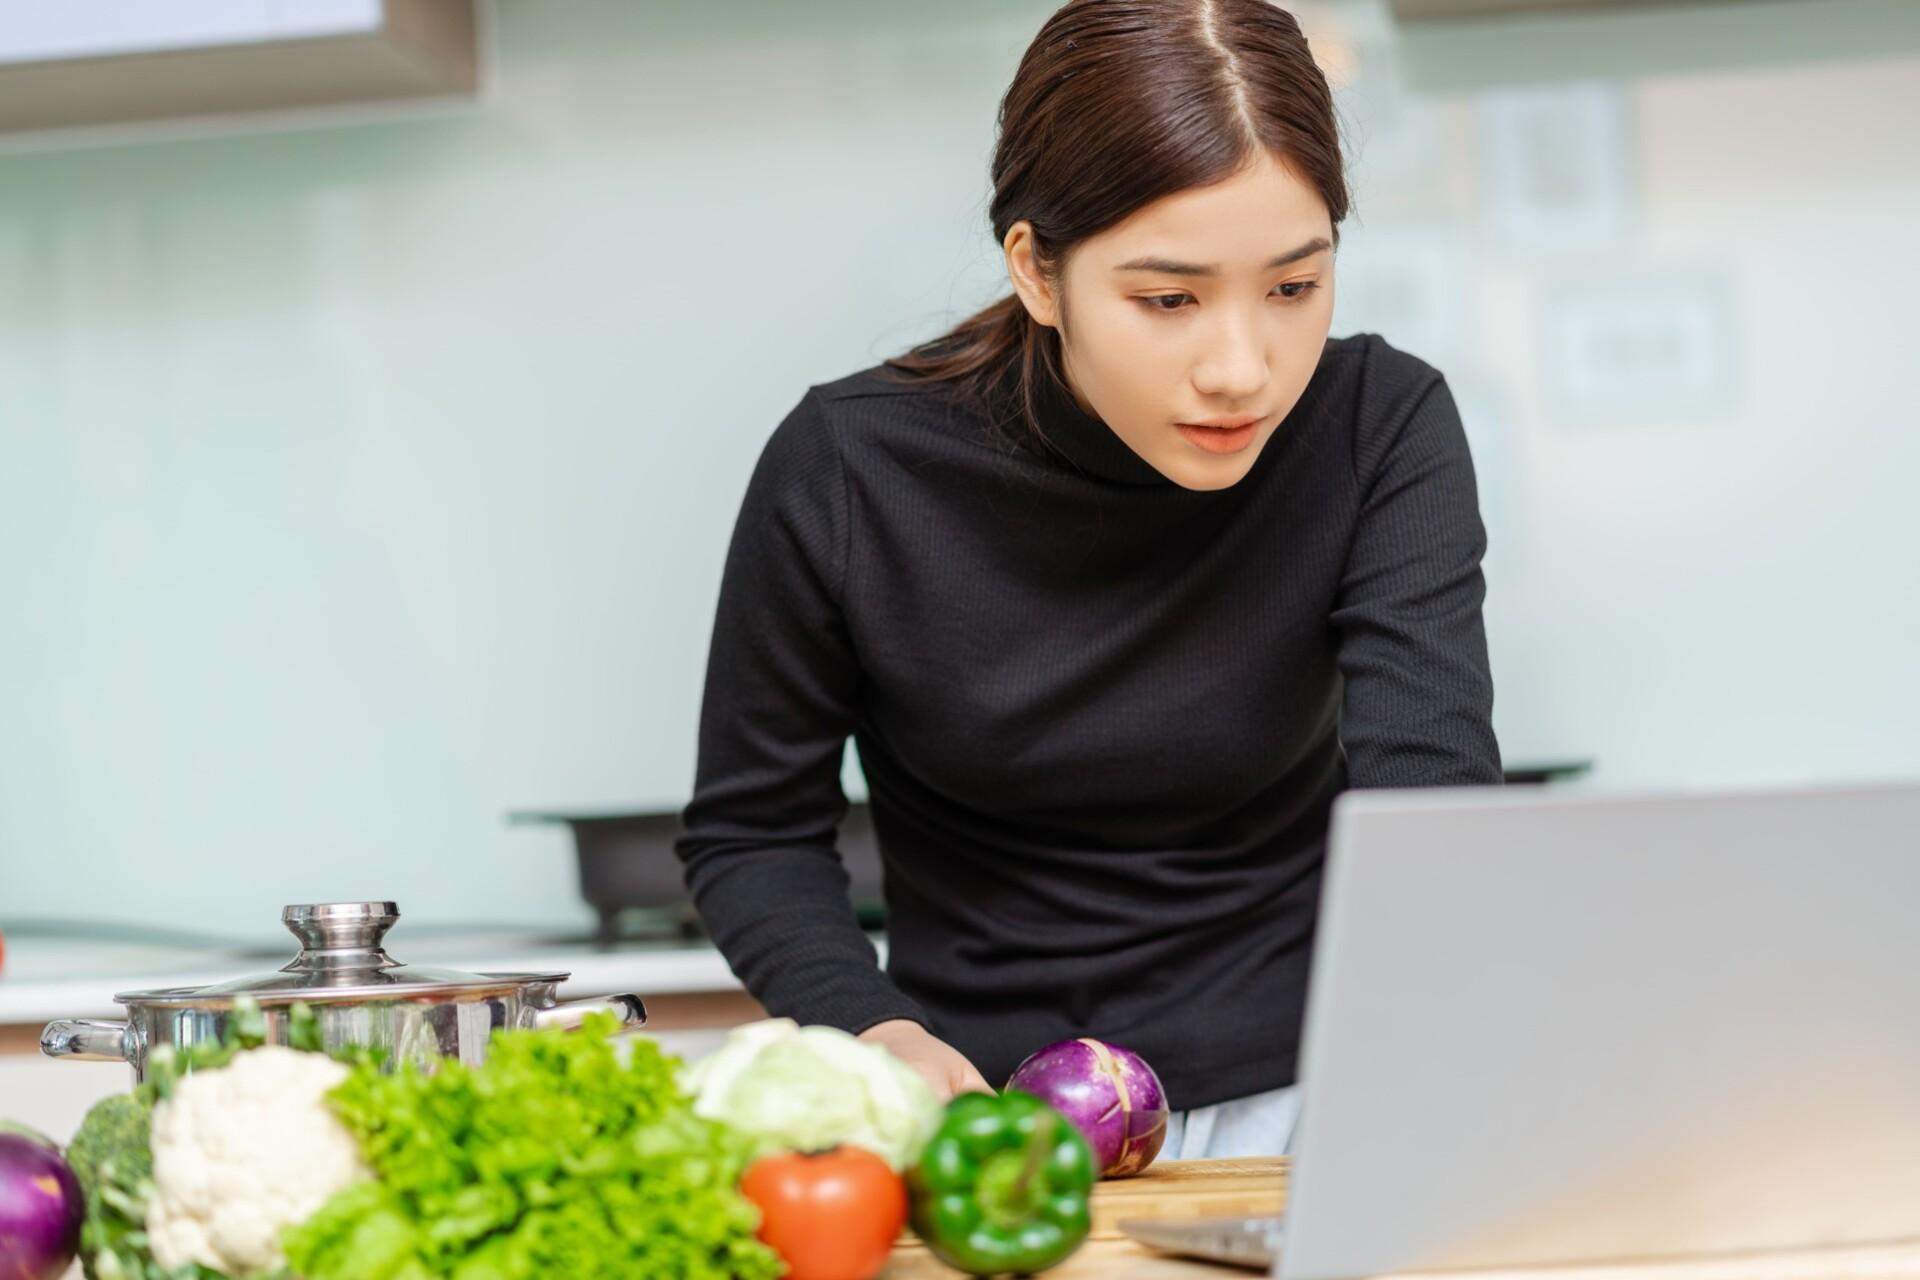 女性が野菜の勉強をしている